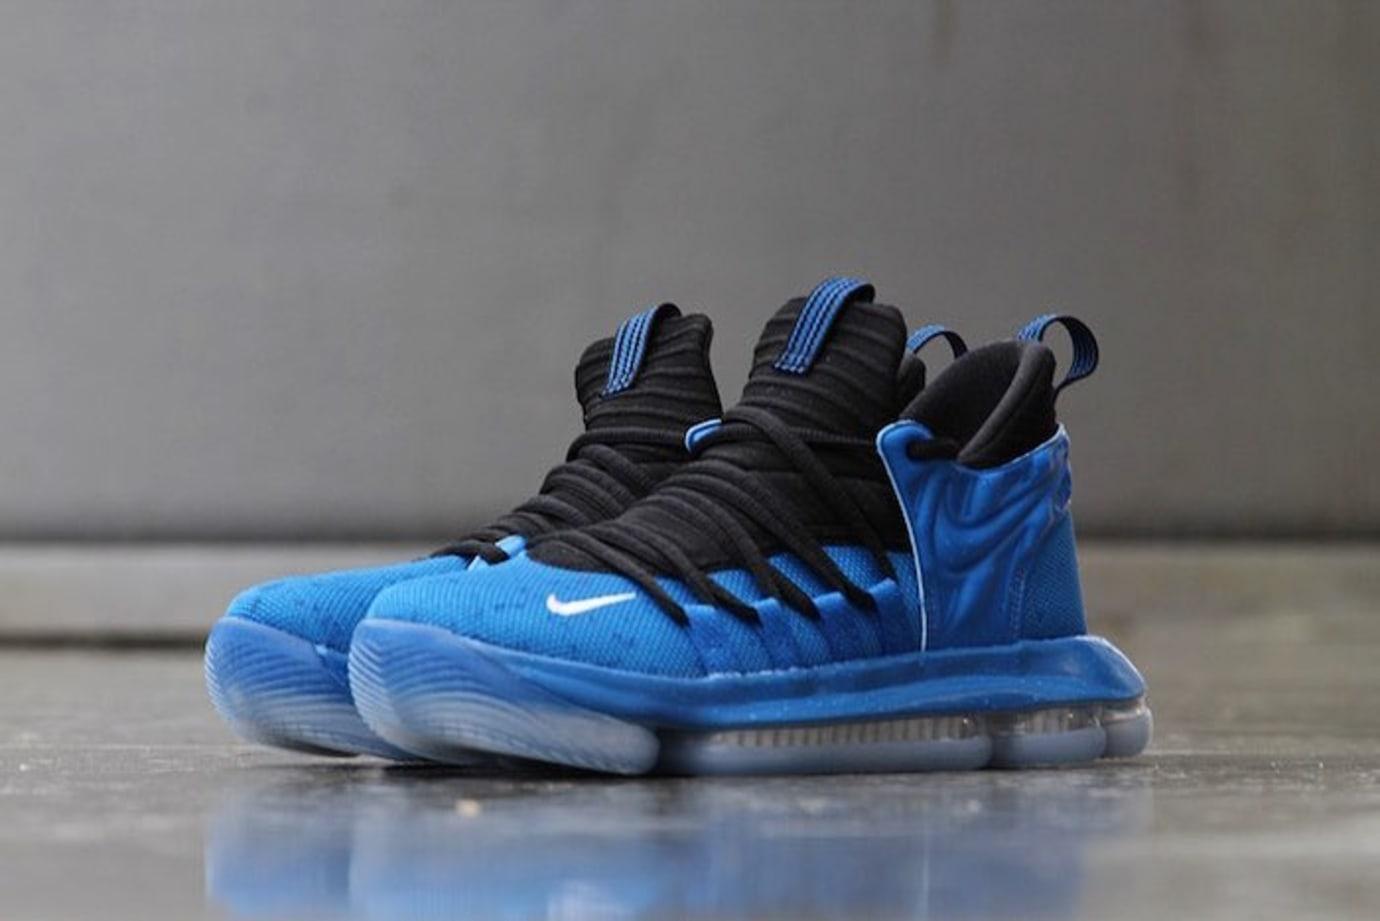 Nike KD 10 LE Dark Neon Royal Foamposite Release Date